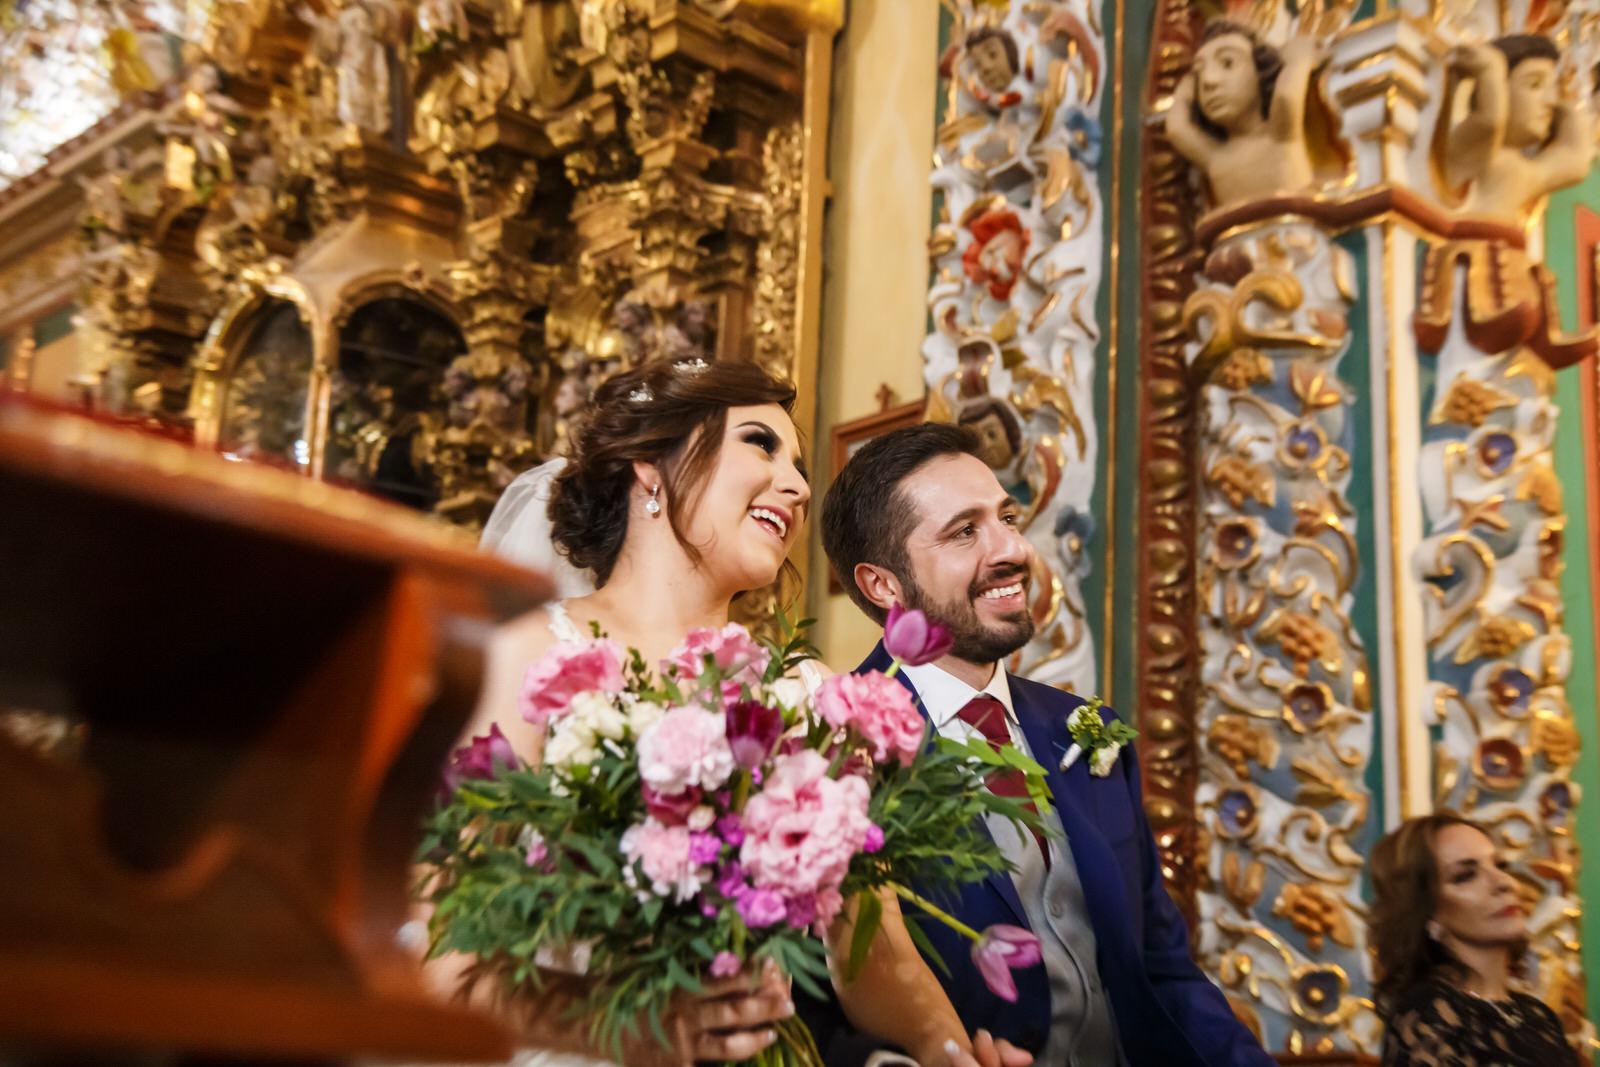 0243-asfoto-wedding-day-dia-de-boda-la-quinta-san-jose-tonanzintla-wedding-planner-covab-top-event-vergara-milan-belinda-pastor-zap-producciones.JPG